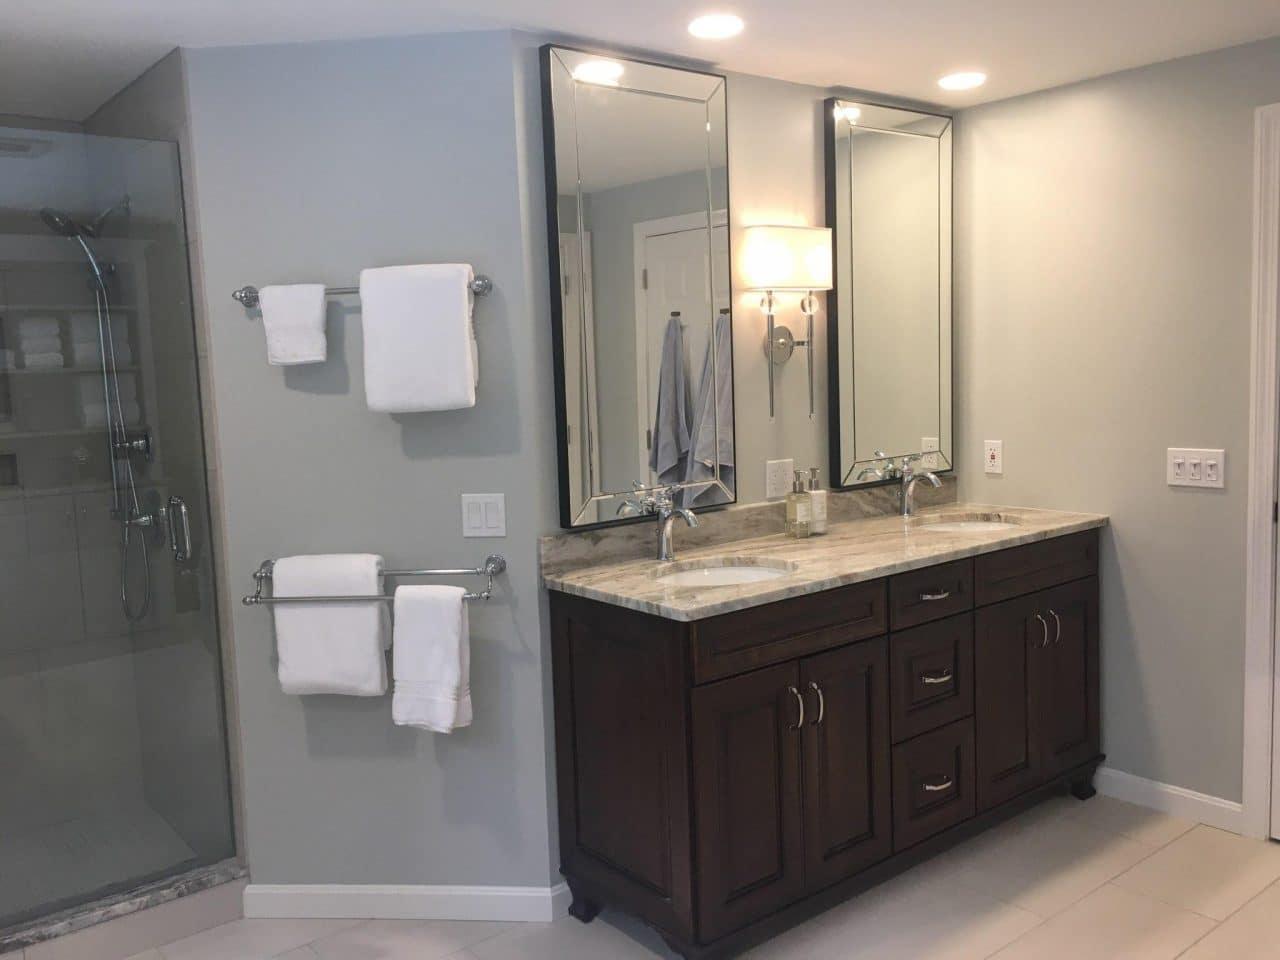 Bathroom Remodel Bedford Nh Milford Lumber